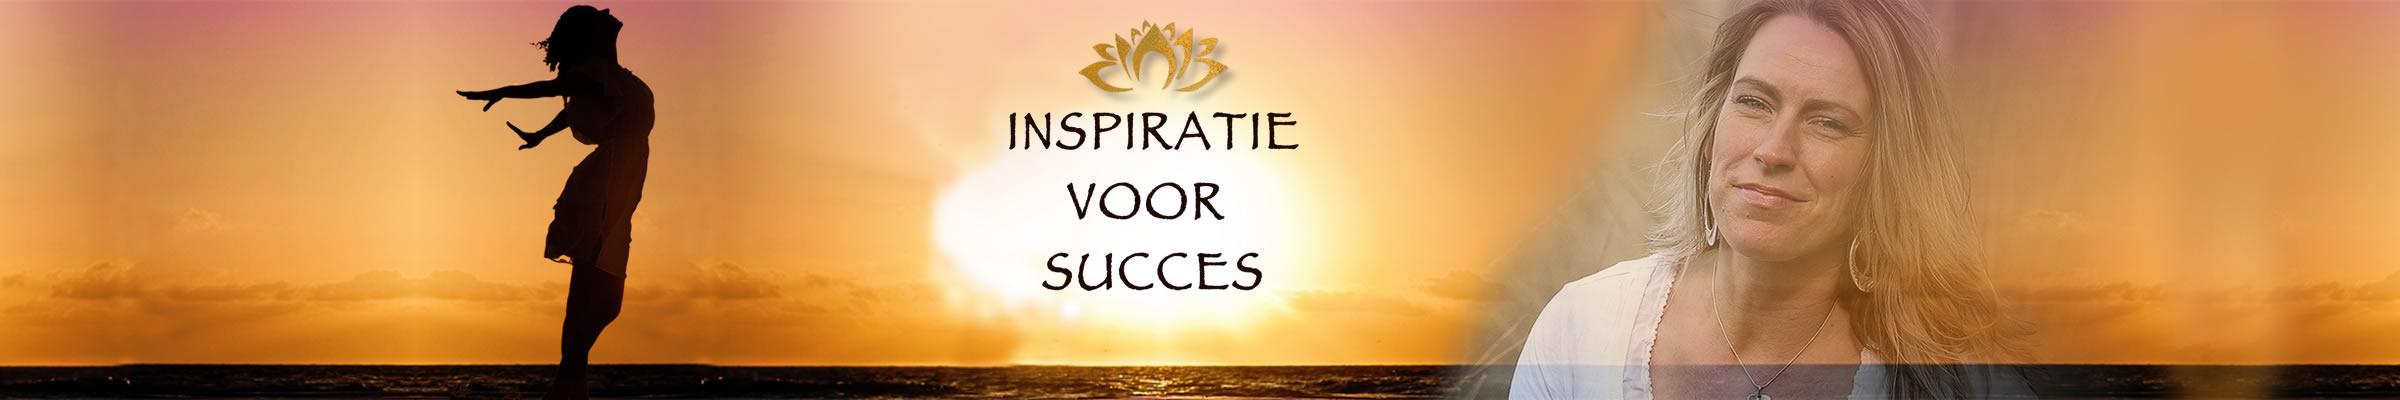 Inspiratie voor Succes